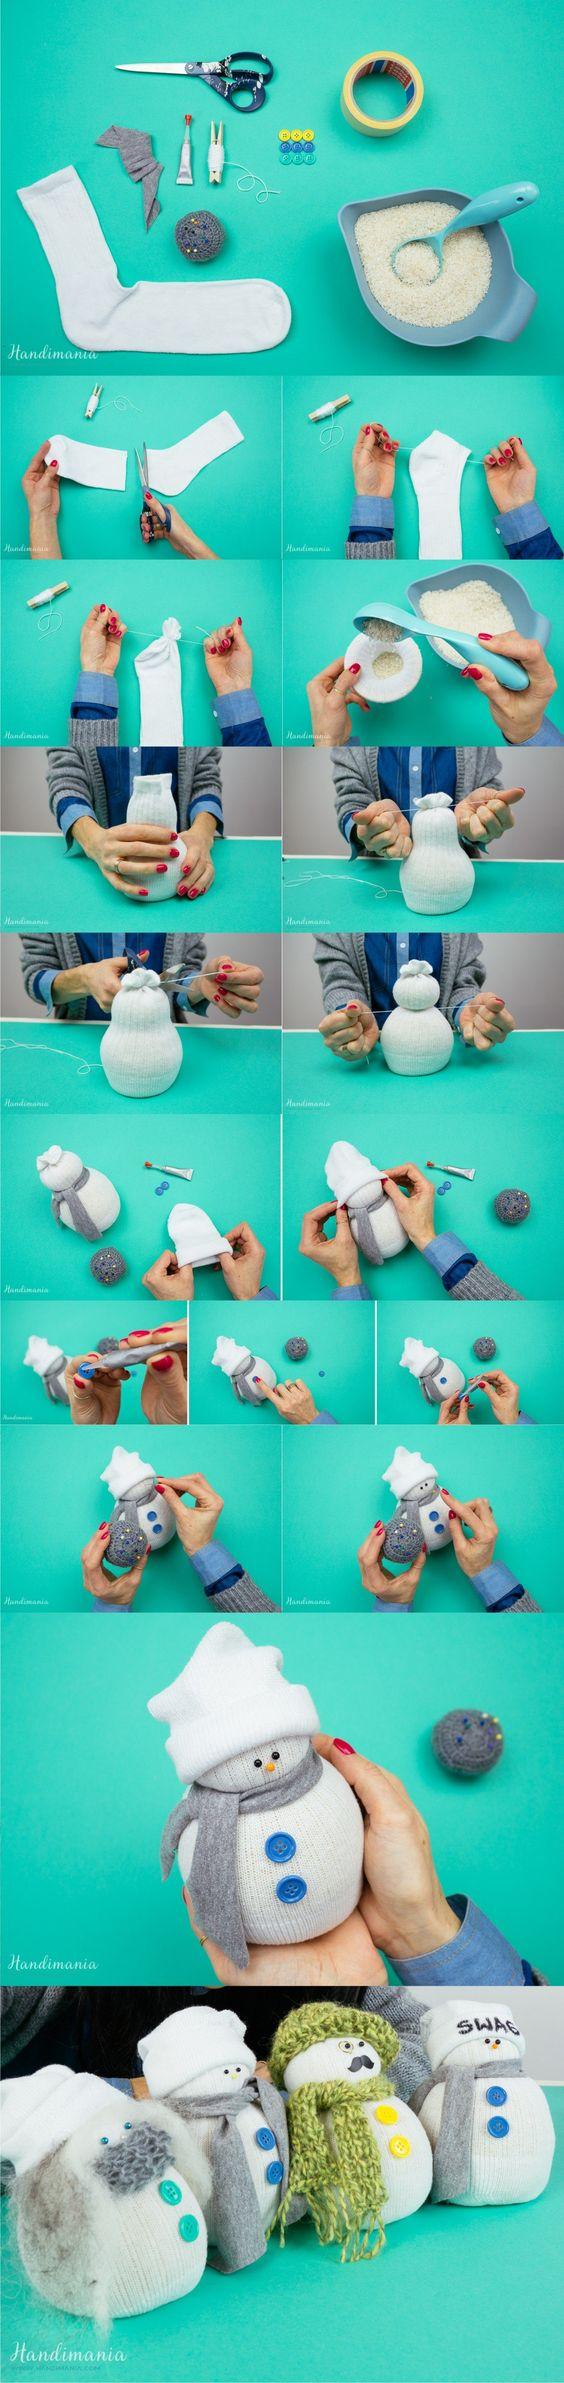 Manualidades navidad - monos de nieve calcetines